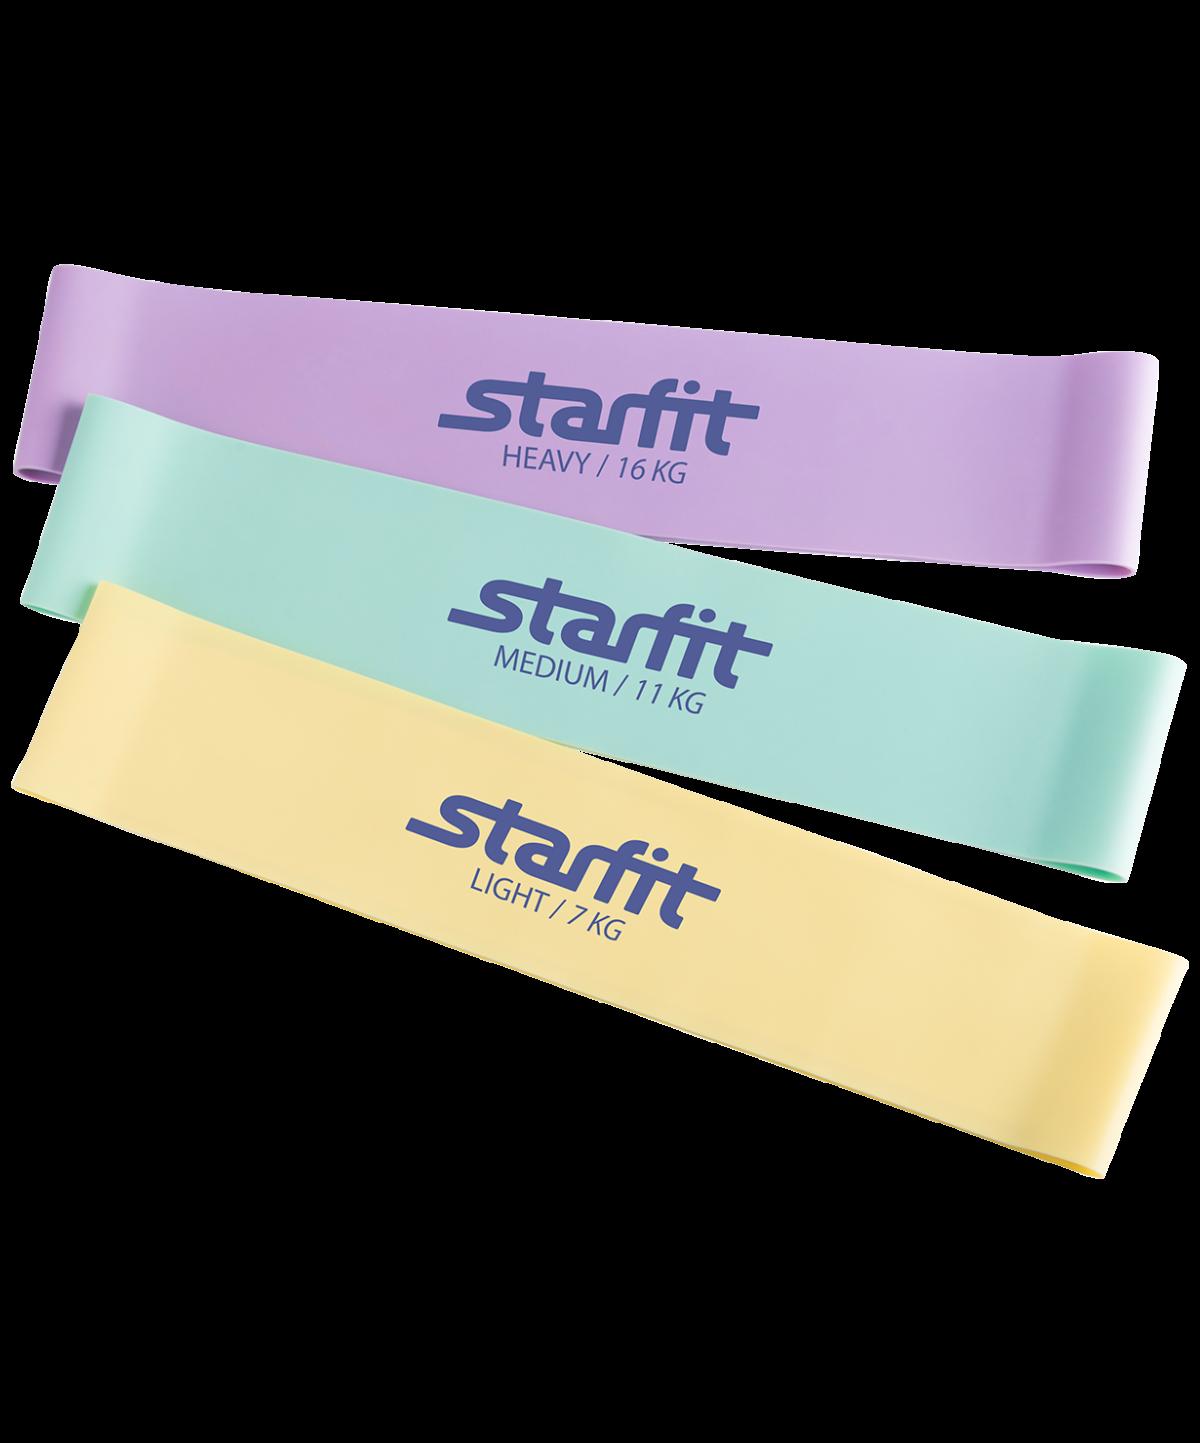 STARFIT Комплект мини-эспандеров, пастельный ES-203 - 1